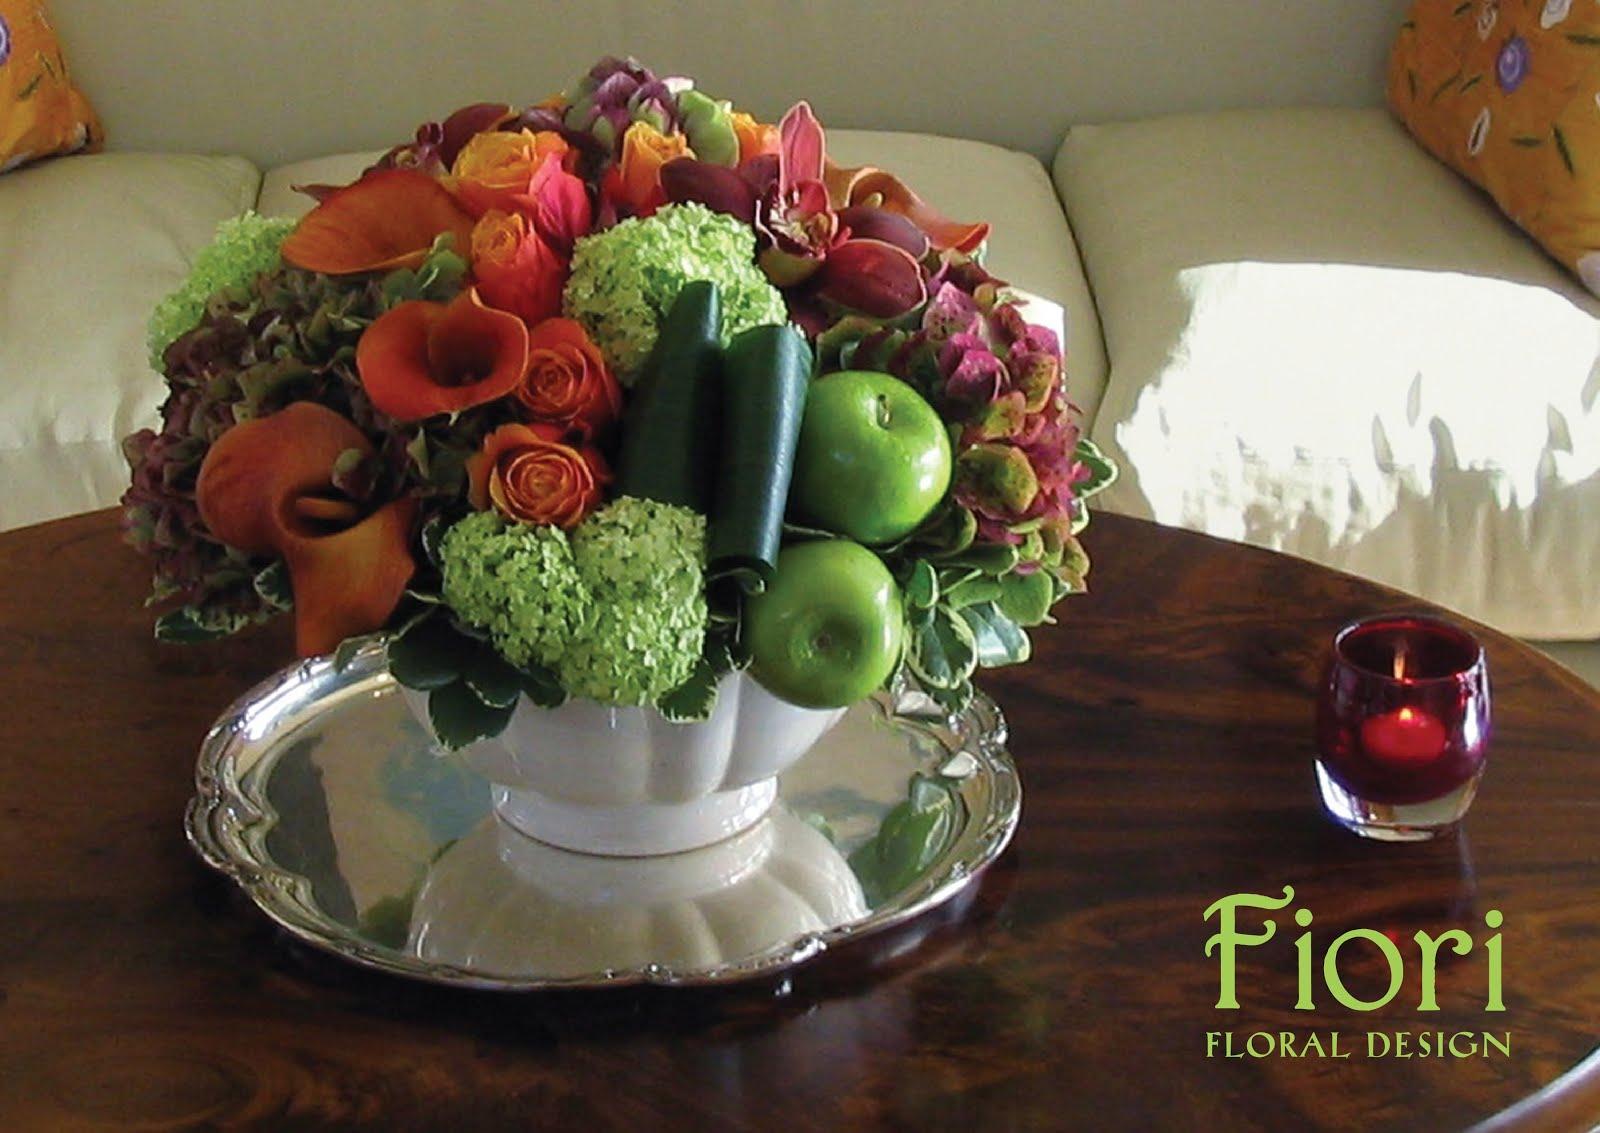 Fiori Floral Design Blog